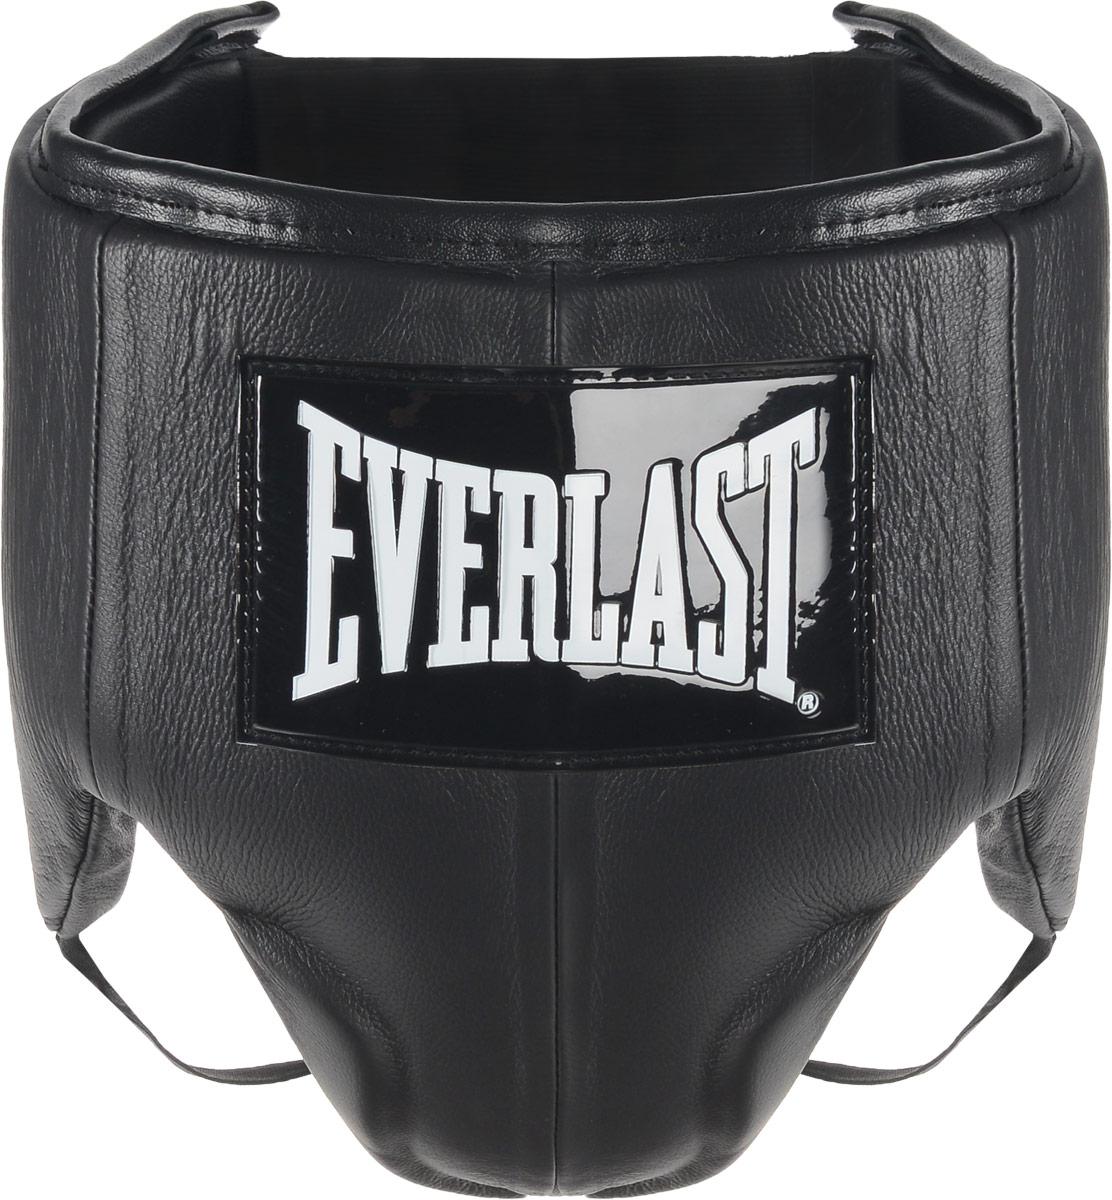 Защита паха мужская Everlast Velcro Top Pro, цвет: черный, белый. Размер LQNT1133Everlast Velcro Top Pro это удобный обтягивающий бандаж, идеально подходящий как для тренировочных спаррингов, так и для боя на ринге. Бандаж изготовлен из высококачественной натуральной кожи, а подкладка набита пенным наполнителем высокой плотности, благодаря чему достигается превосходная амортизация ударов. Усовершенствованный облегченный дизайн обеспечивает максимальную подвижность и комфорт, в то же время гарантируя безопасность и полную защиту паха и тазовой области. Удобные застежки на липучке позволят подогнать защиту под ваш размер и плотно зафиксировать ее на теле. Максимальный обхват: 105 см.Минимальный обхват: 94 см.